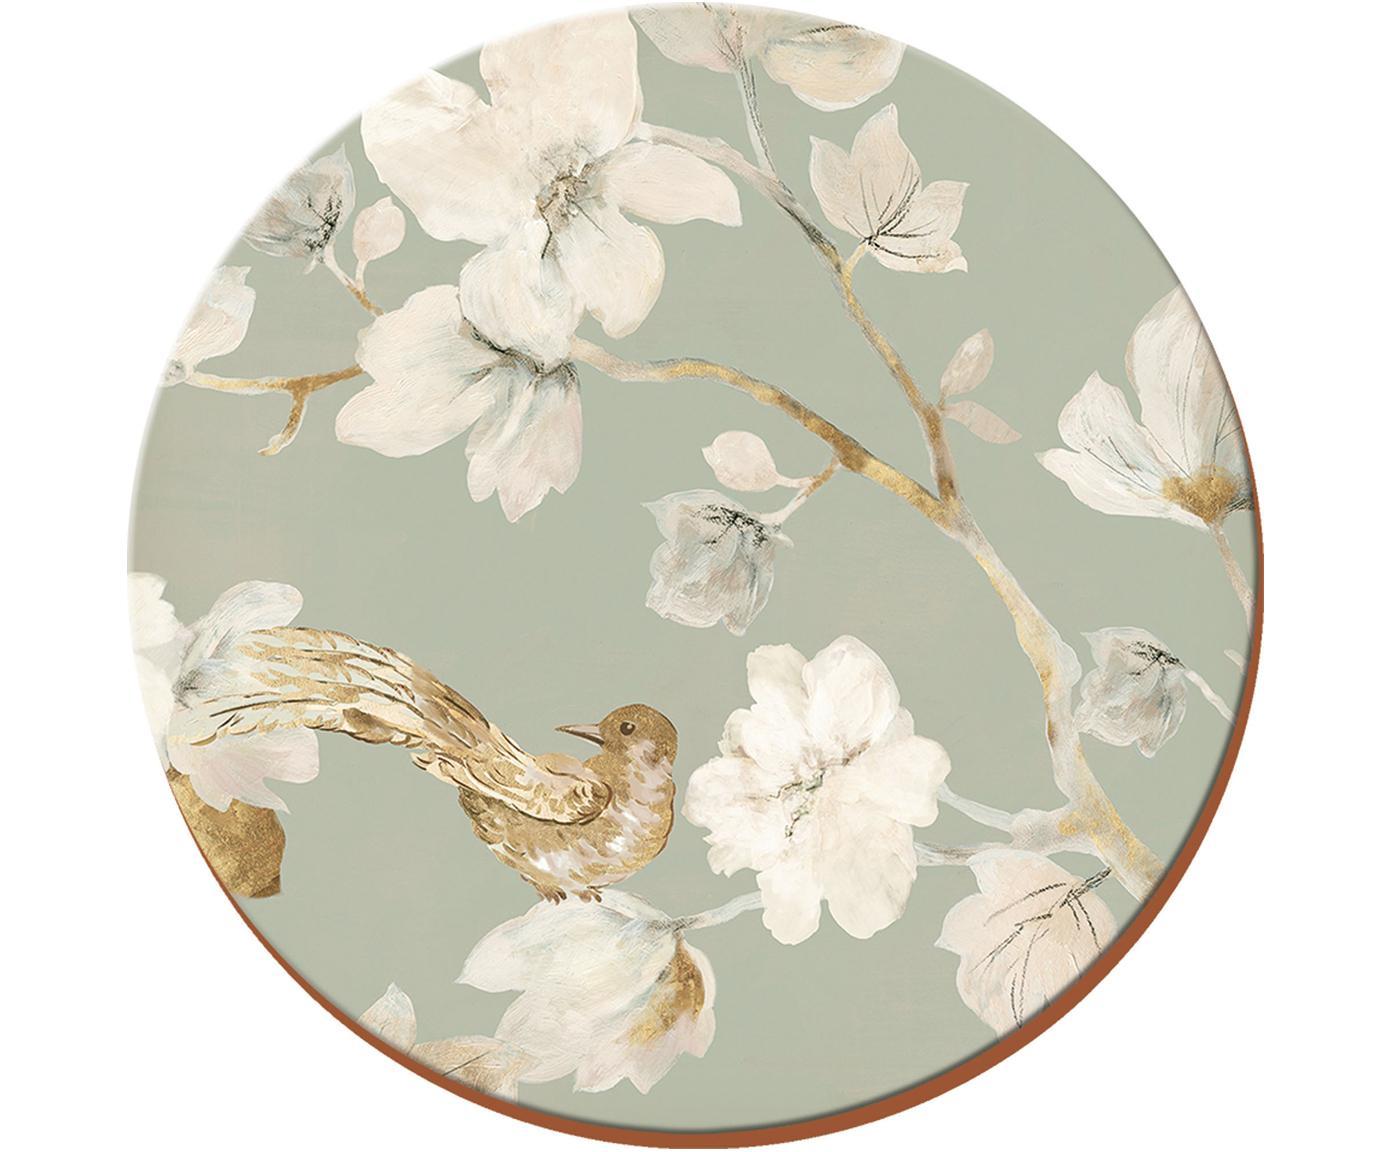 Untersetzer Duck Egg Floral, 4 Stück, Kork, Grau, Weiß, Beige, Ø 12 cm